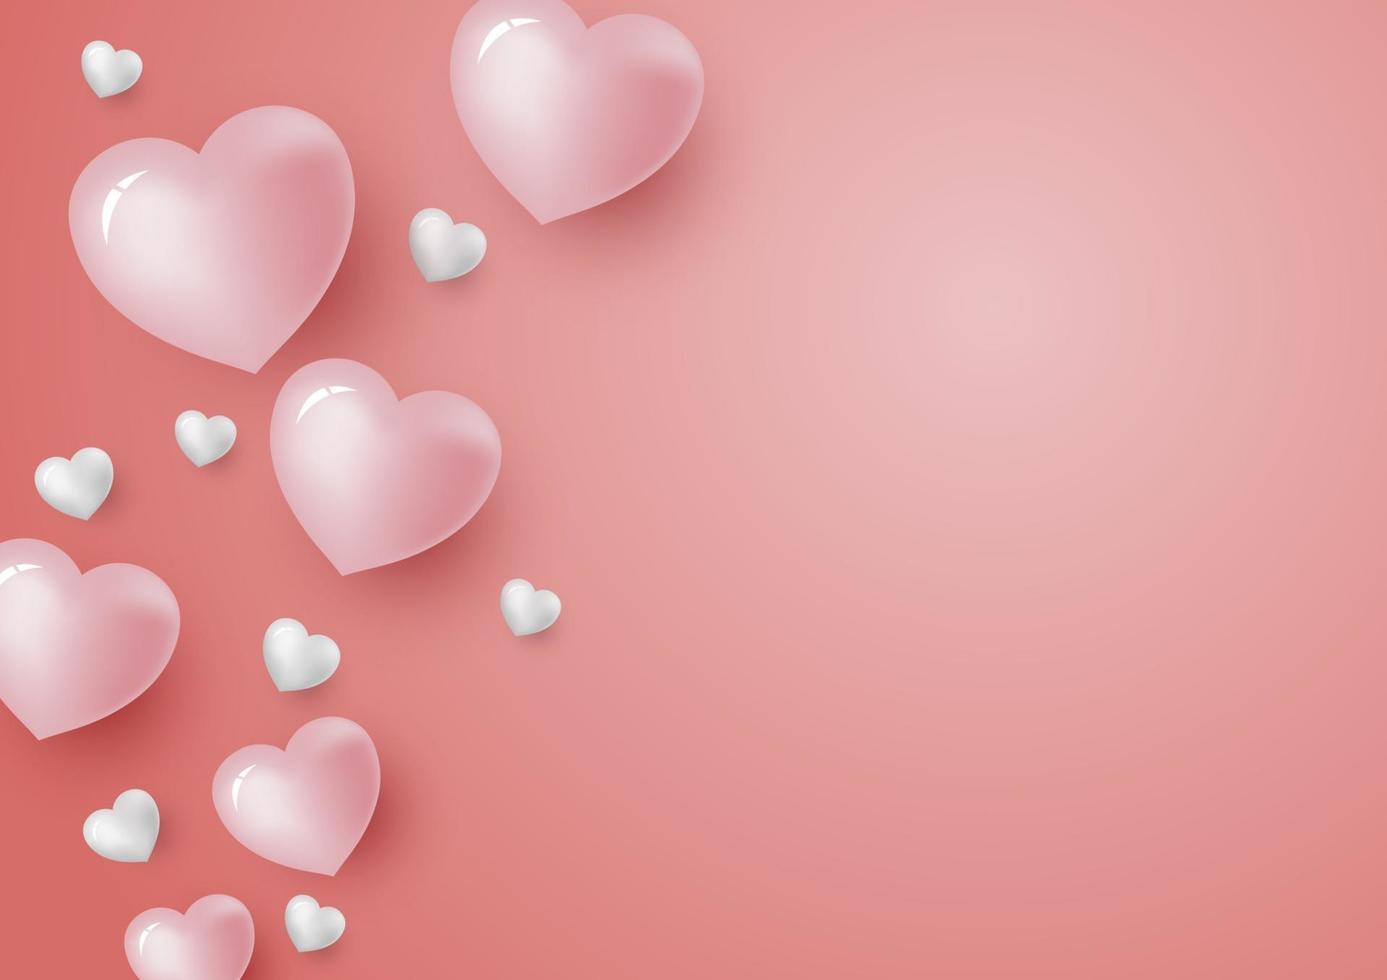 Coeurs 3D sur fond de couleur corail pour la Saint-Valentin et illustration vectorielle de carte de mariage vecteur